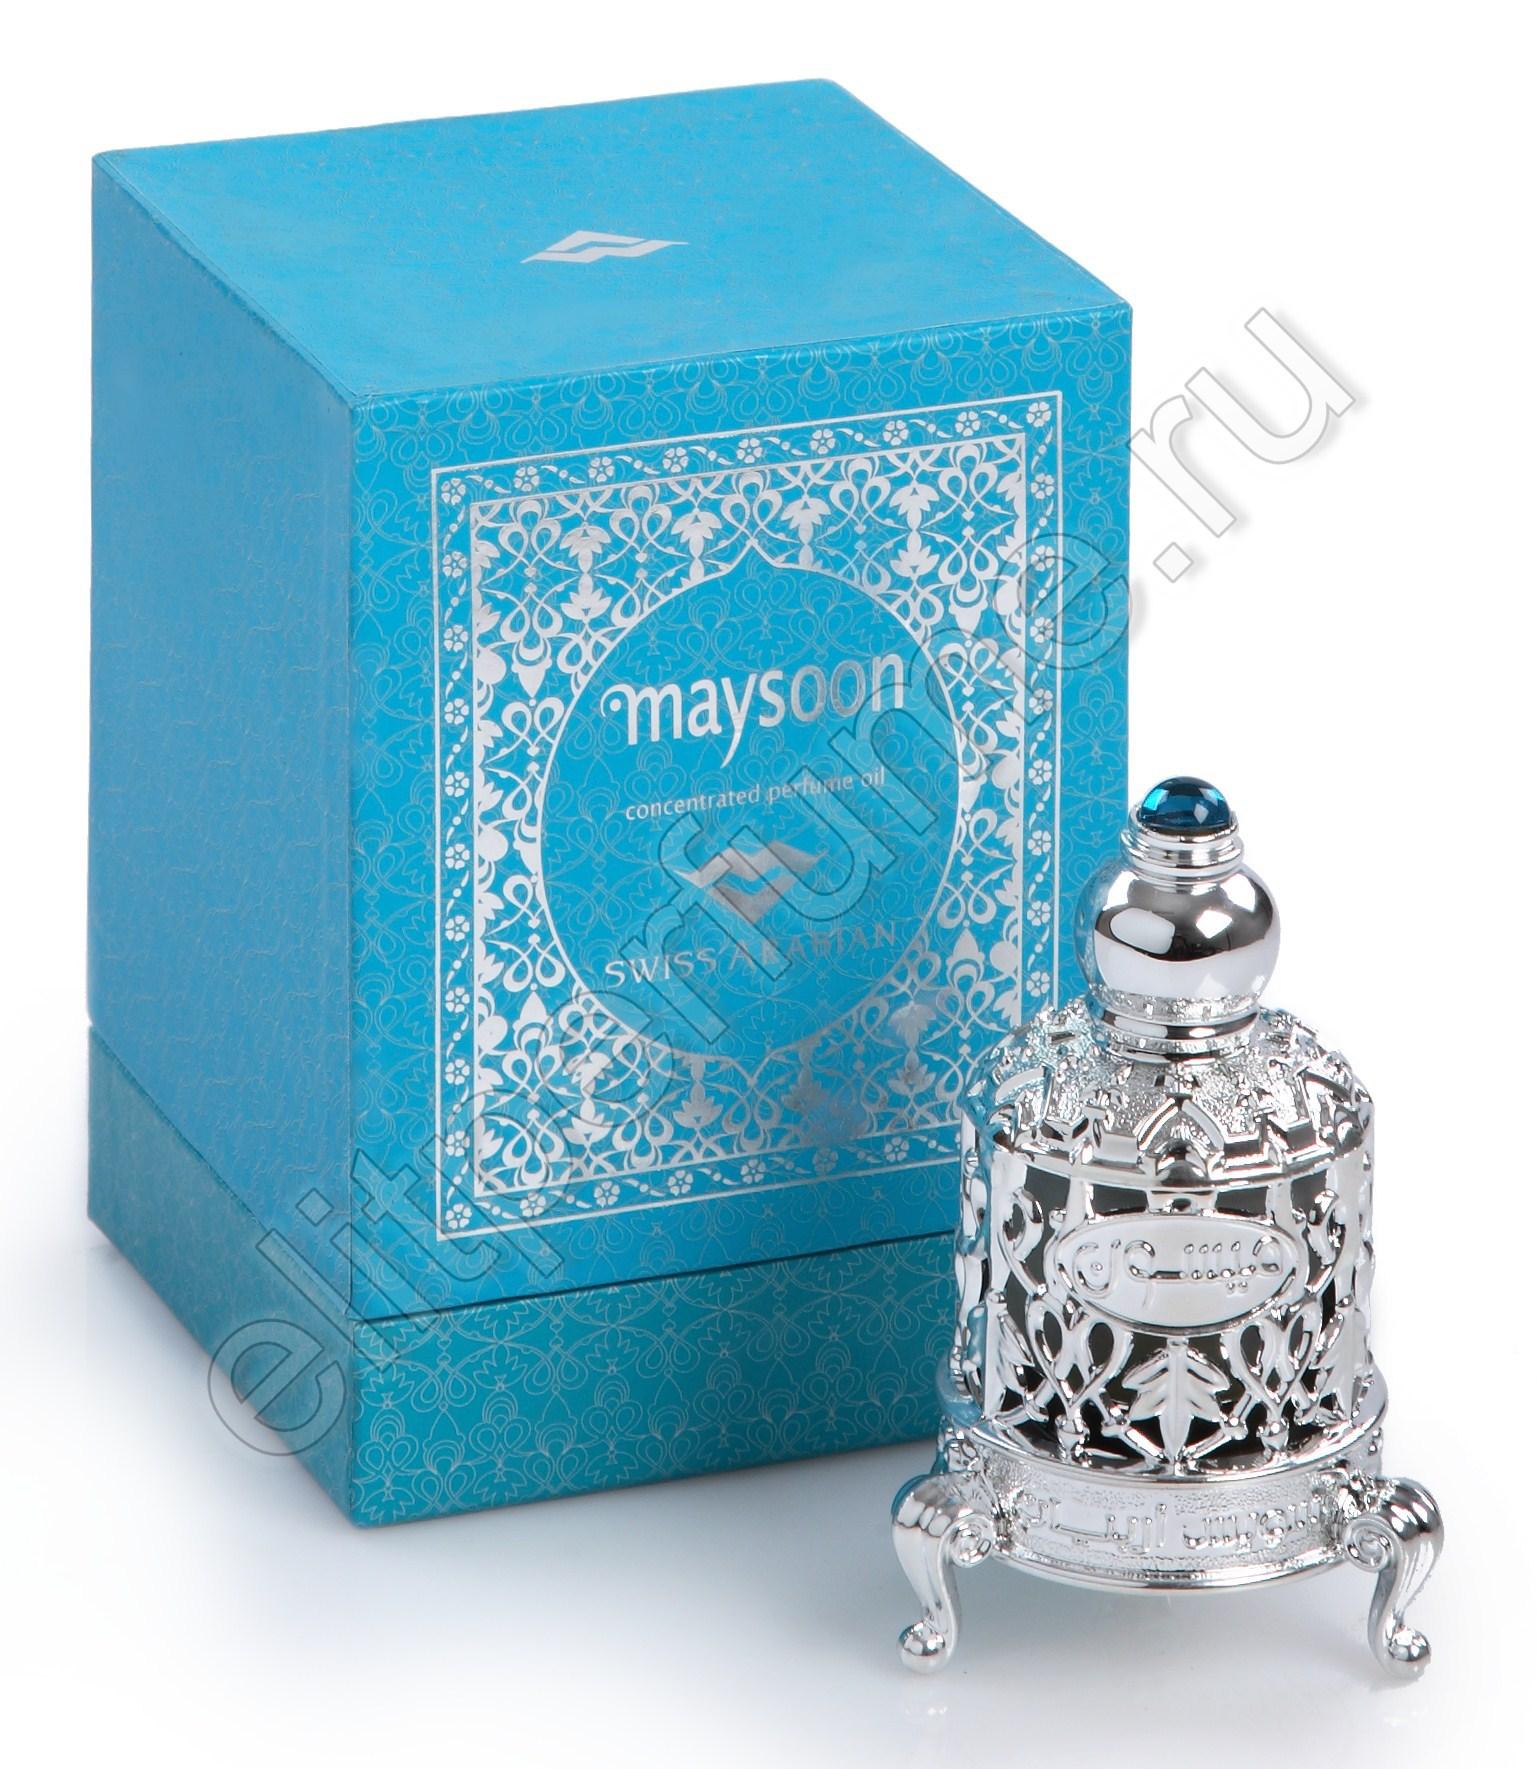 Пробники для арабских духов Мэйсун Maysoon 1 мл арабские масляные духи от Свисс Арабиан Swiss Arabian